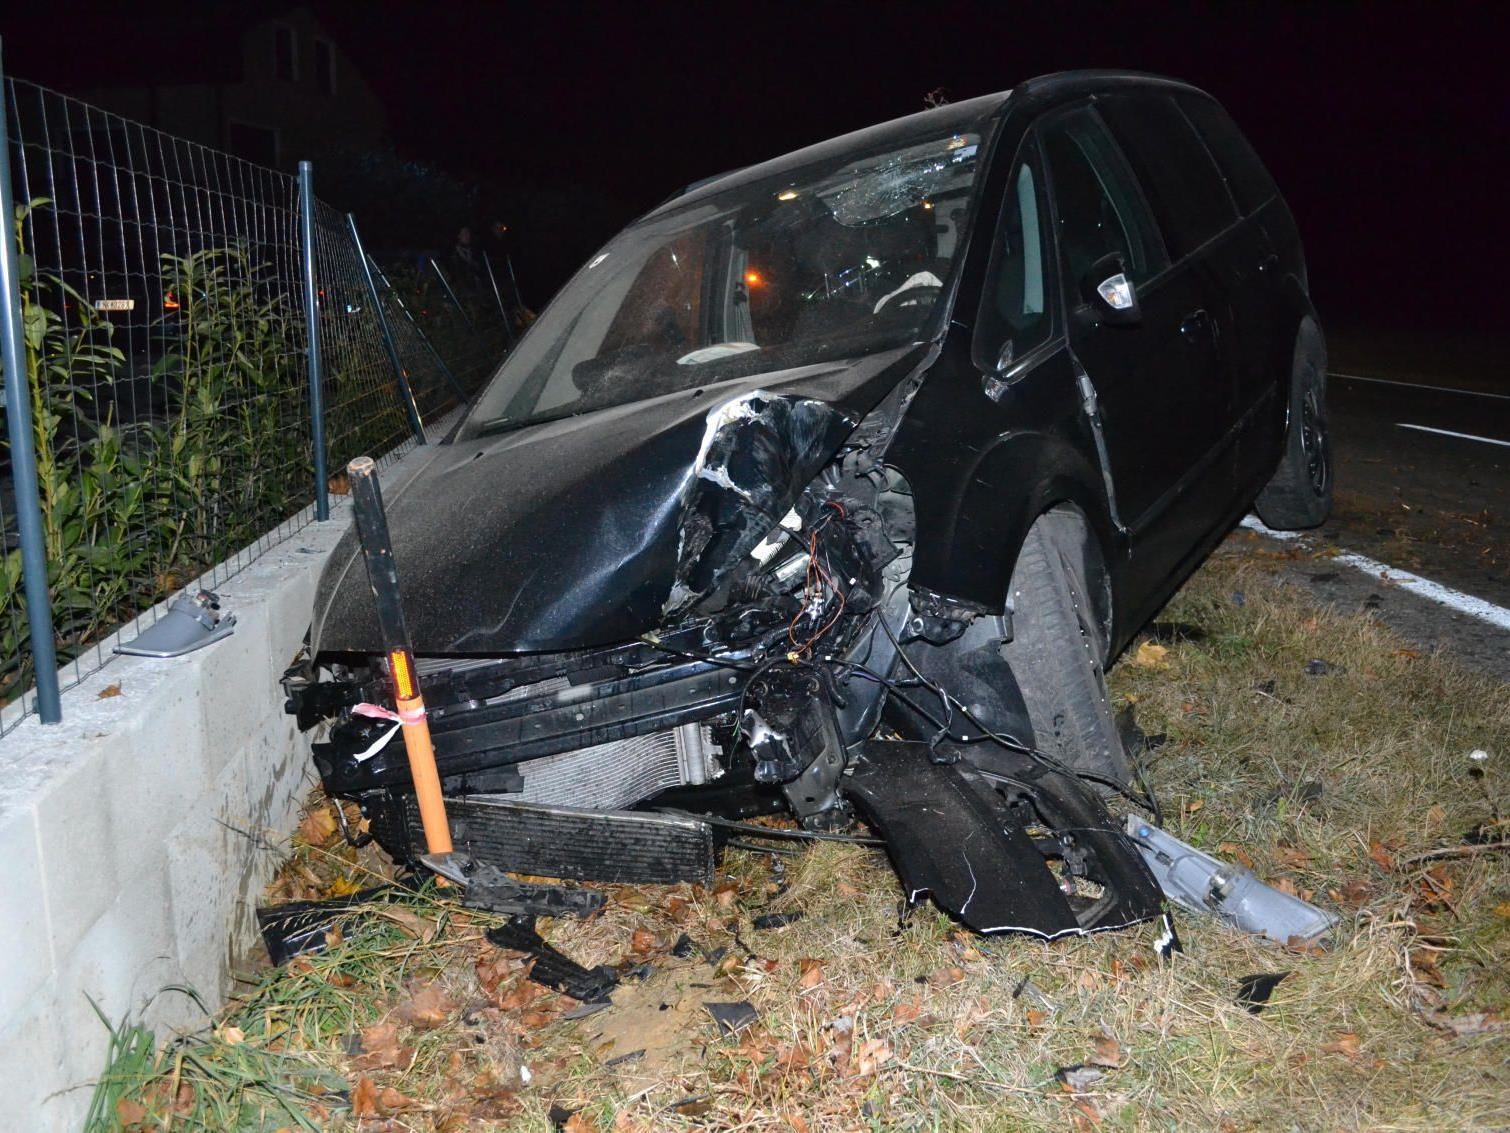 Gecrasht, überschlagen, Baum entwurzelt, im Graben liegen geblieben: Der Fahrer dieses Wagens hatte unglaubliches Glück!